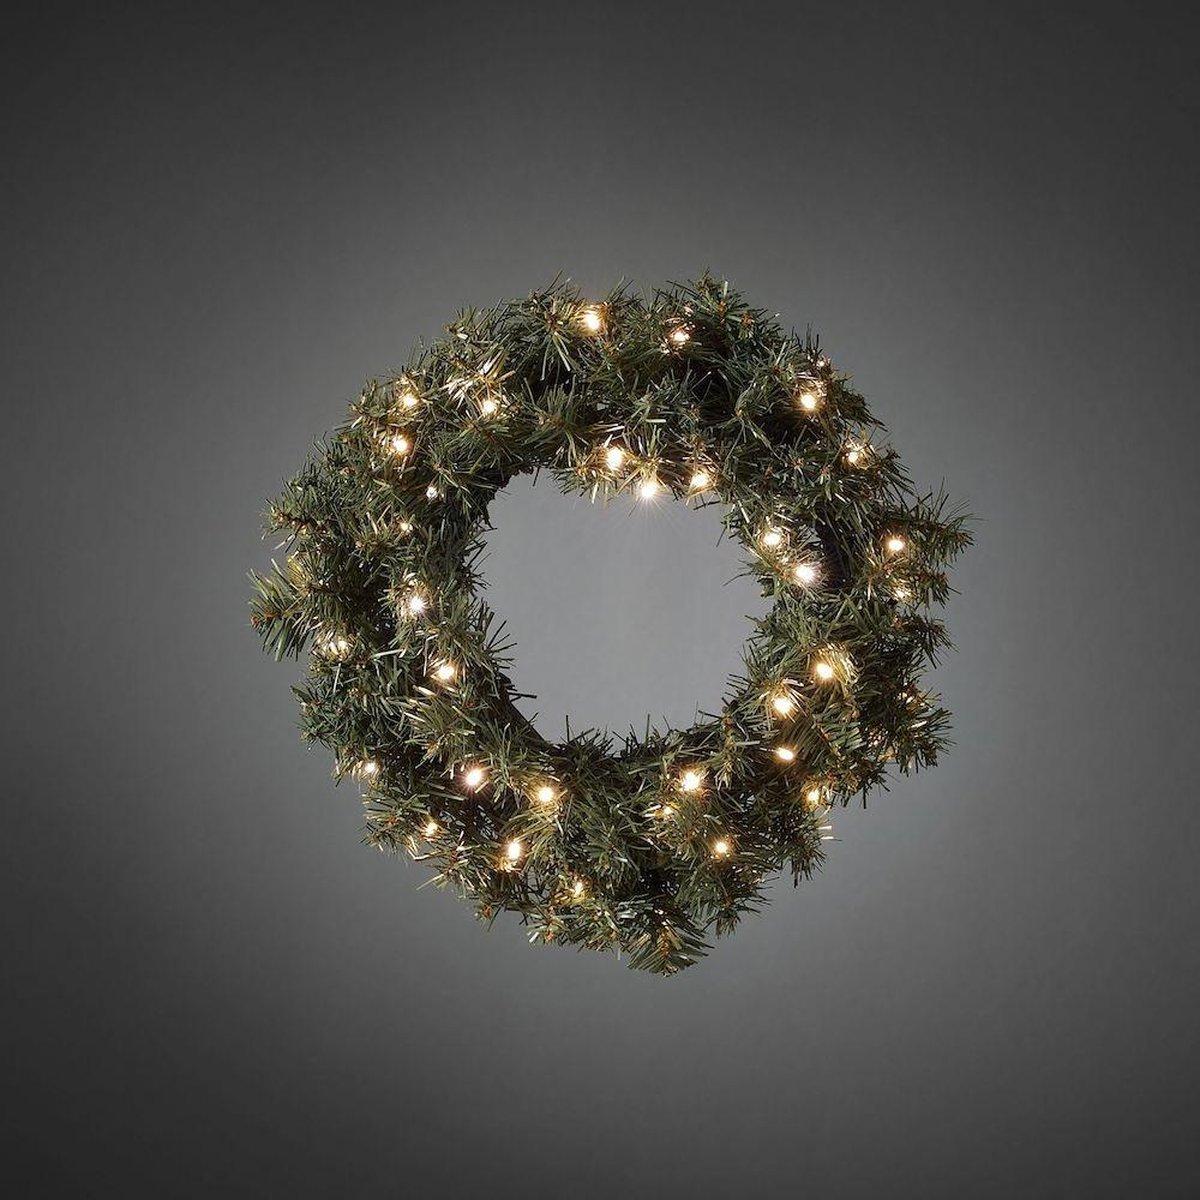 Konstsmide Christmas Voor buiten - LED sparrenkrans met sensor, 40 lmp